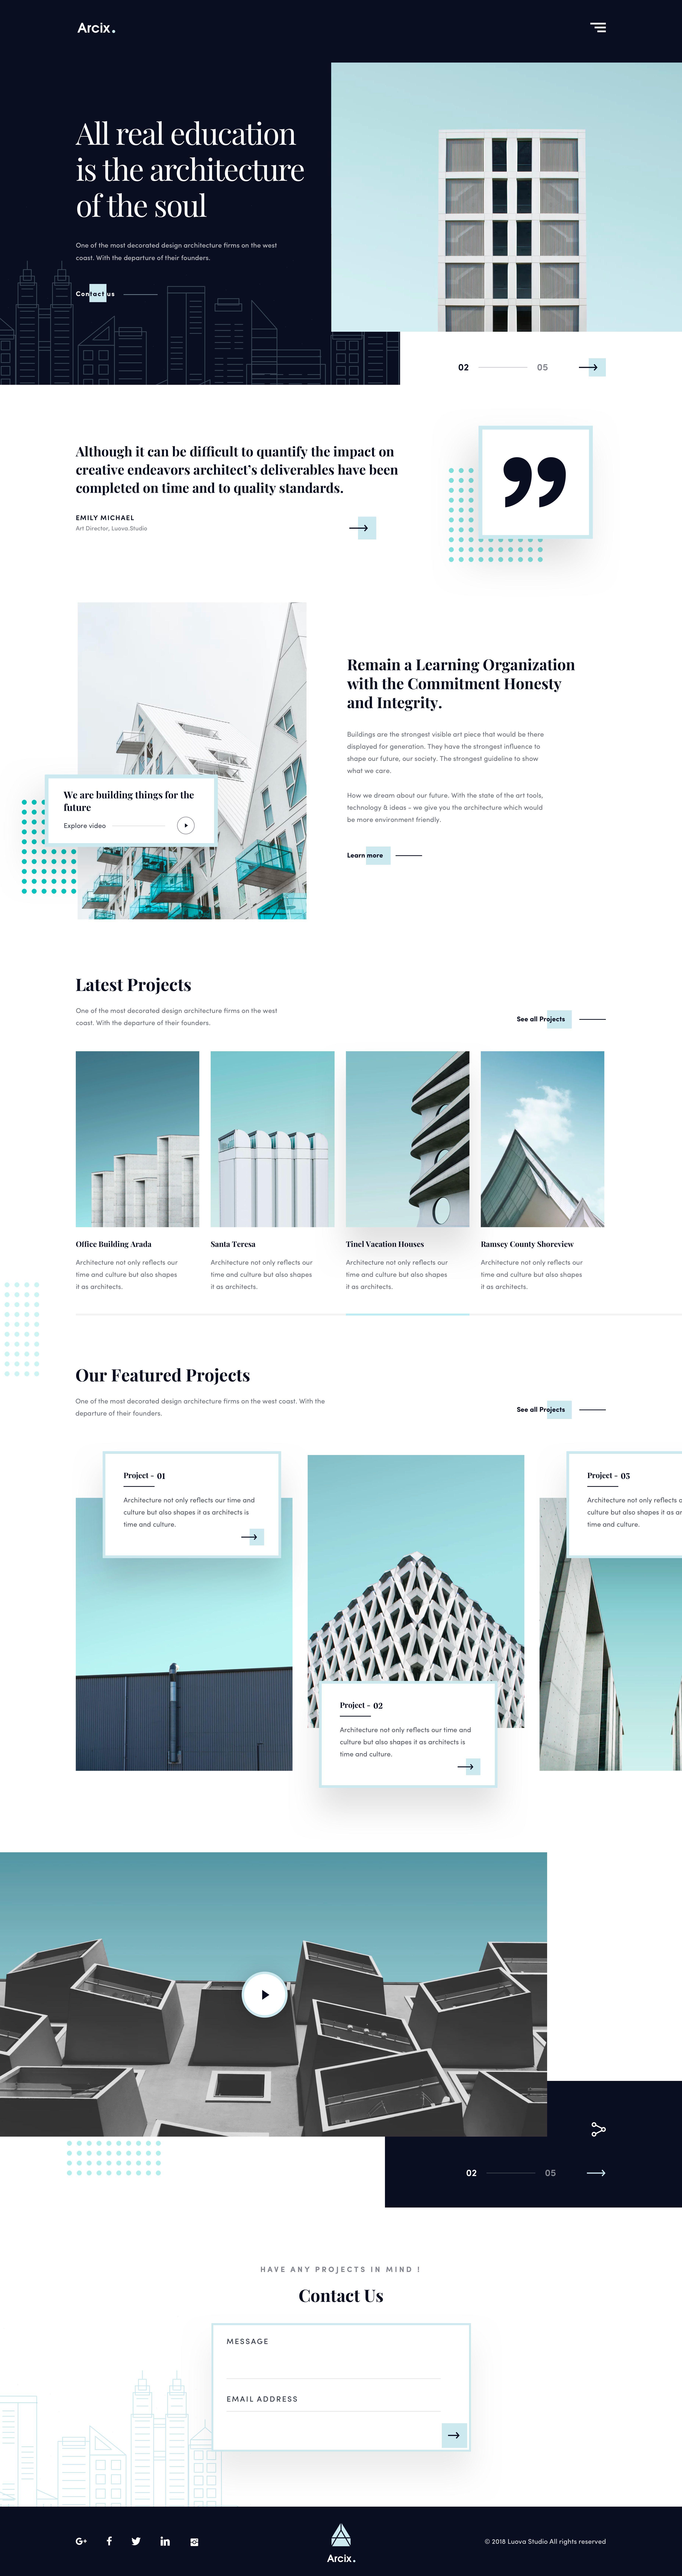 Pin On Architecture Interior Web Design